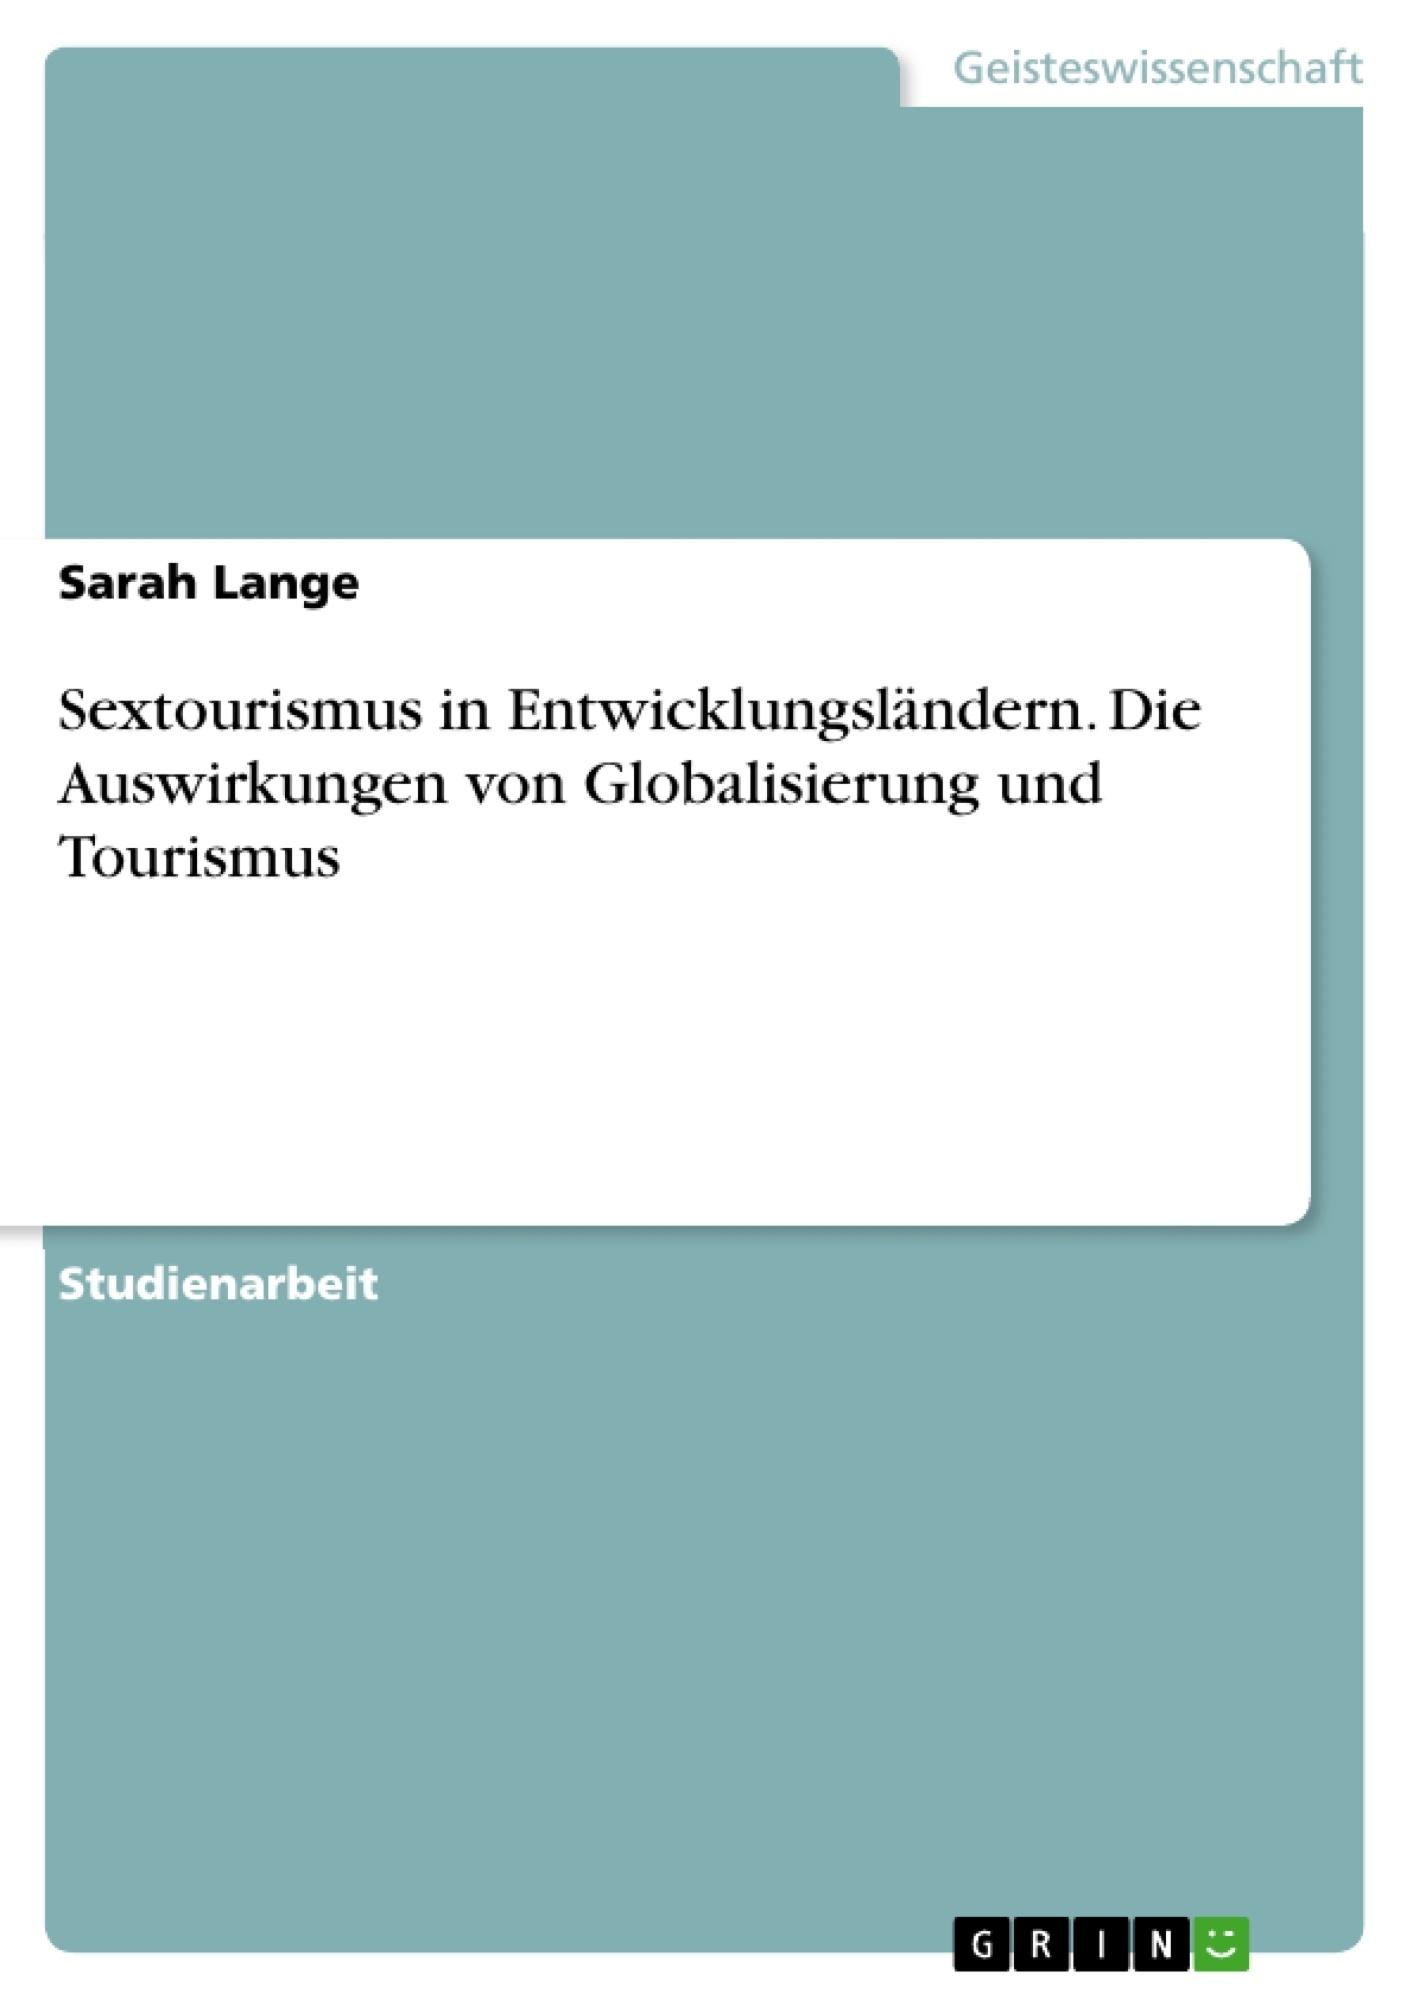 Titel: Sextourismus in Entwicklungsländern. Die Auswirkungen von Globalisierung und Tourismus